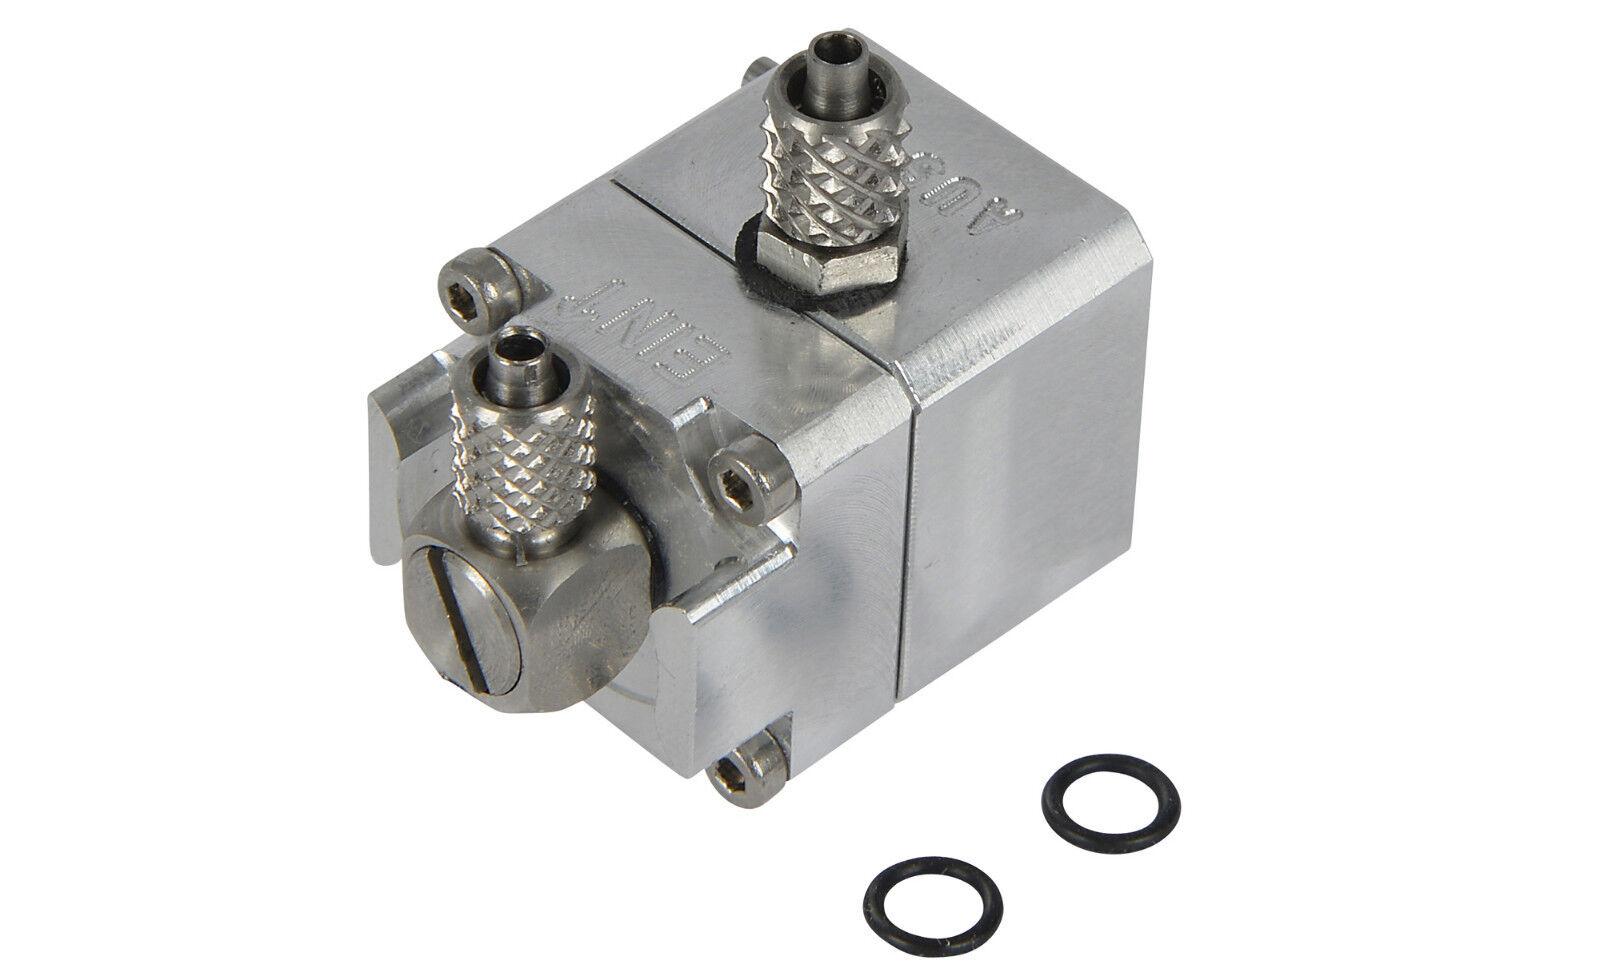 GBH idraulica Accensione scarico blocco Carson 500907524